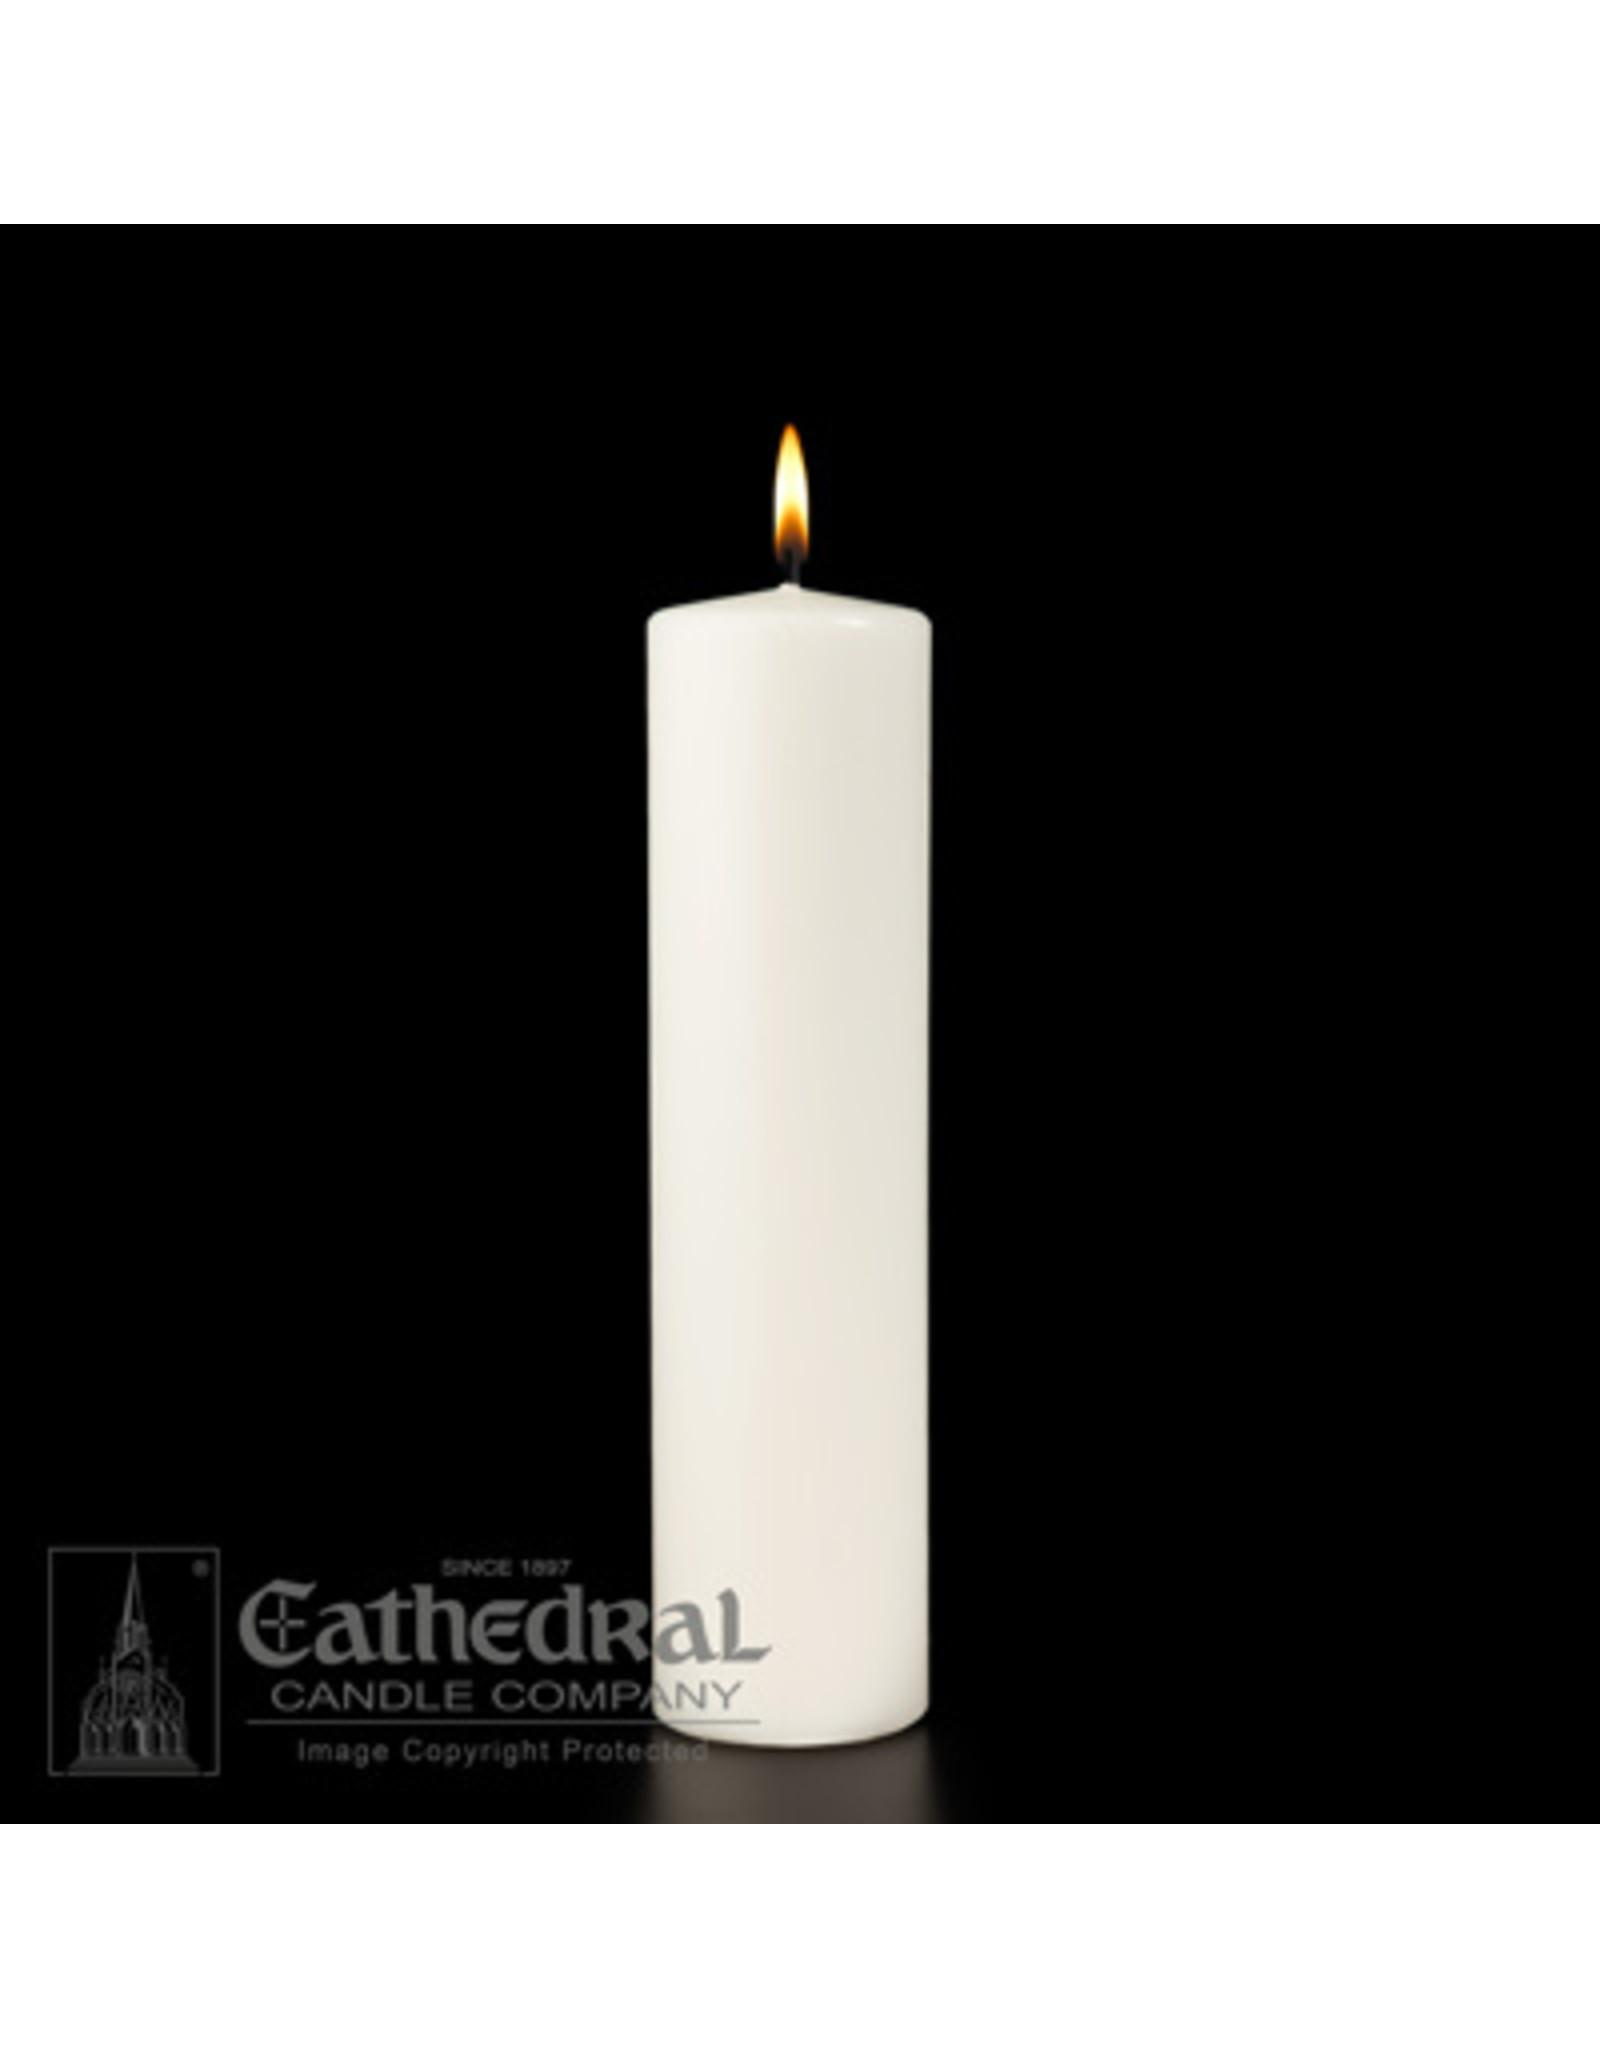 CNDL CHRIST 3X12 WHITE PLN